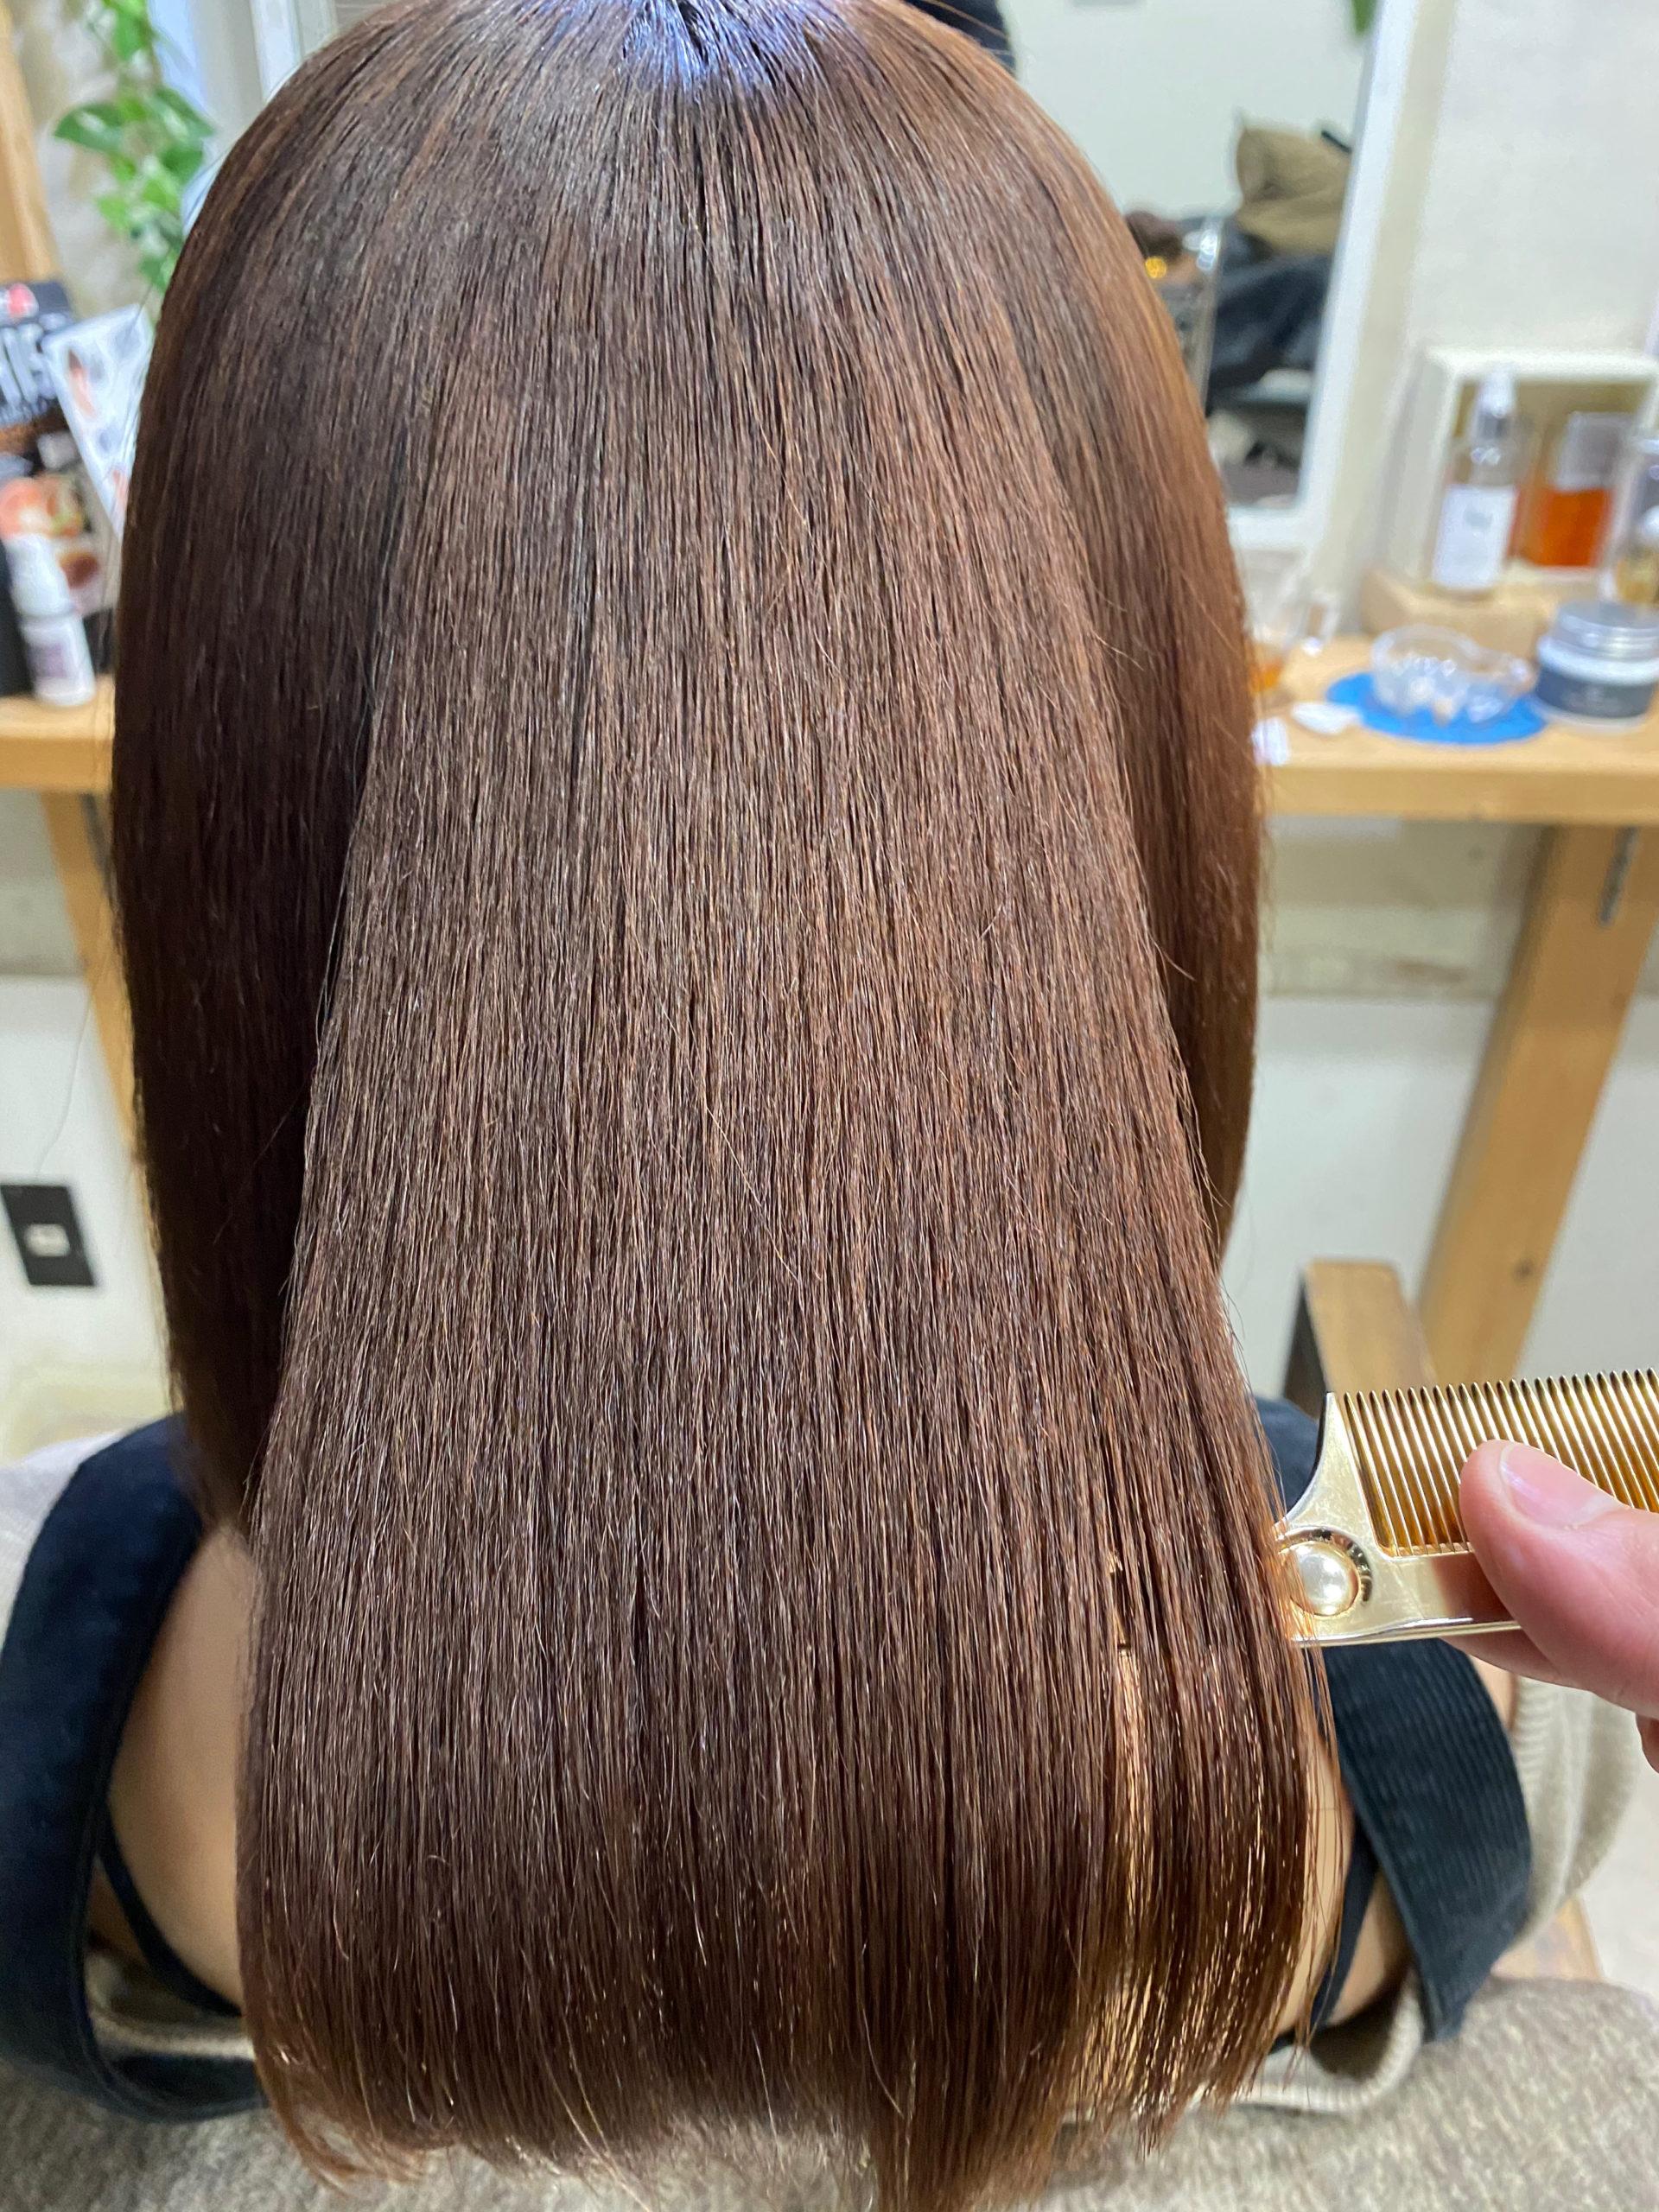 毛先にチリつきのある髪を縮毛矯正で艶髪。原宿・表参道『髪のお悩みを解決するヘアケア美容師の挑戦』